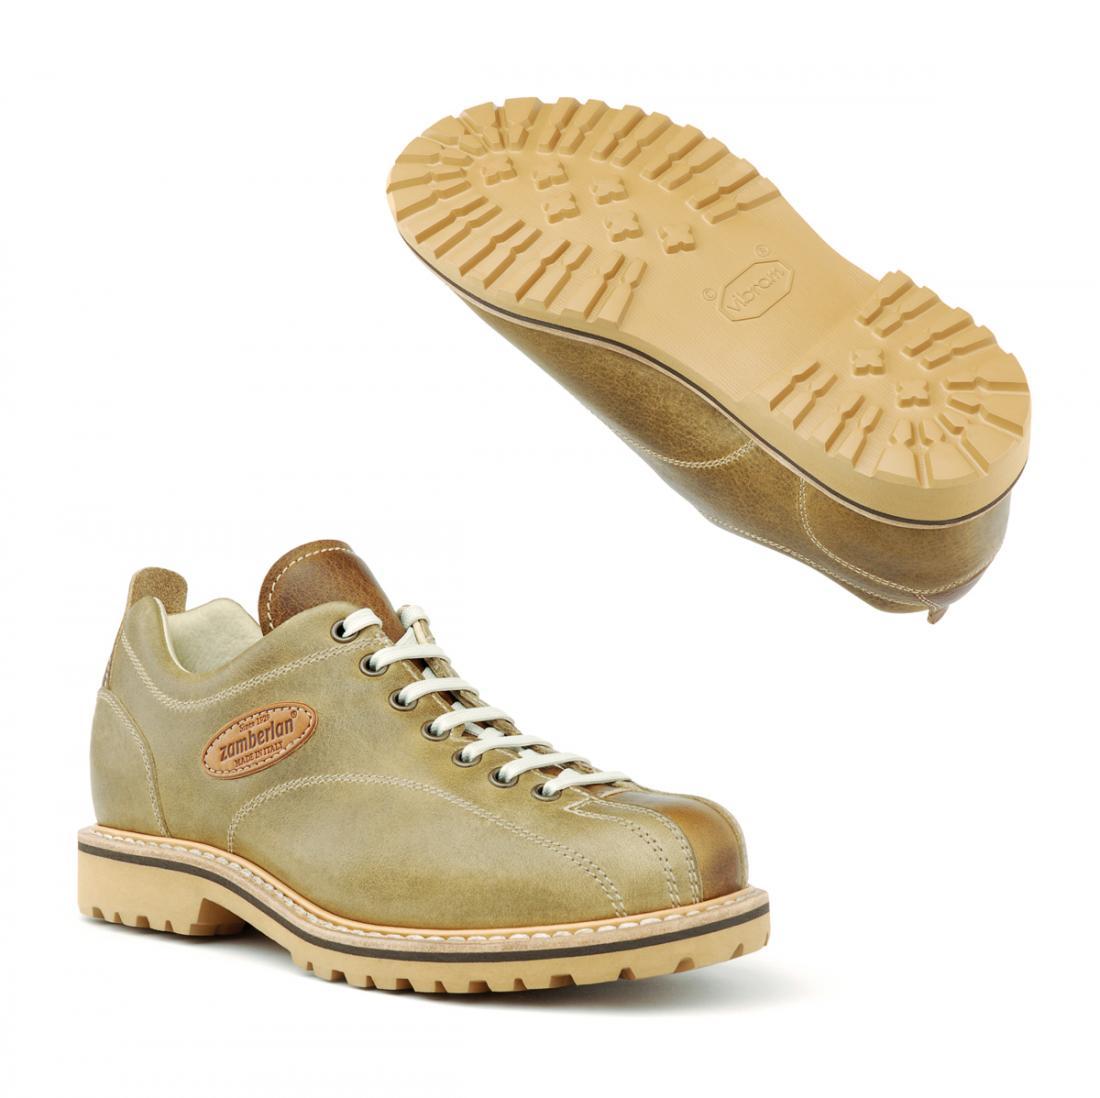 Ботинки 1120 CORTINA LOW GW WNSАльпинистские<br>Современные классические ботинки в городском стиле, созданные вручную мастерами Италии с применением специального метода конструкции Goodyear welted. Удобные и гибкие, они изготовлены с использованием уникальной конструкции обуви, мягкой телячьей кожи ...<br><br>Цвет: Бежевый<br>Размер: 40